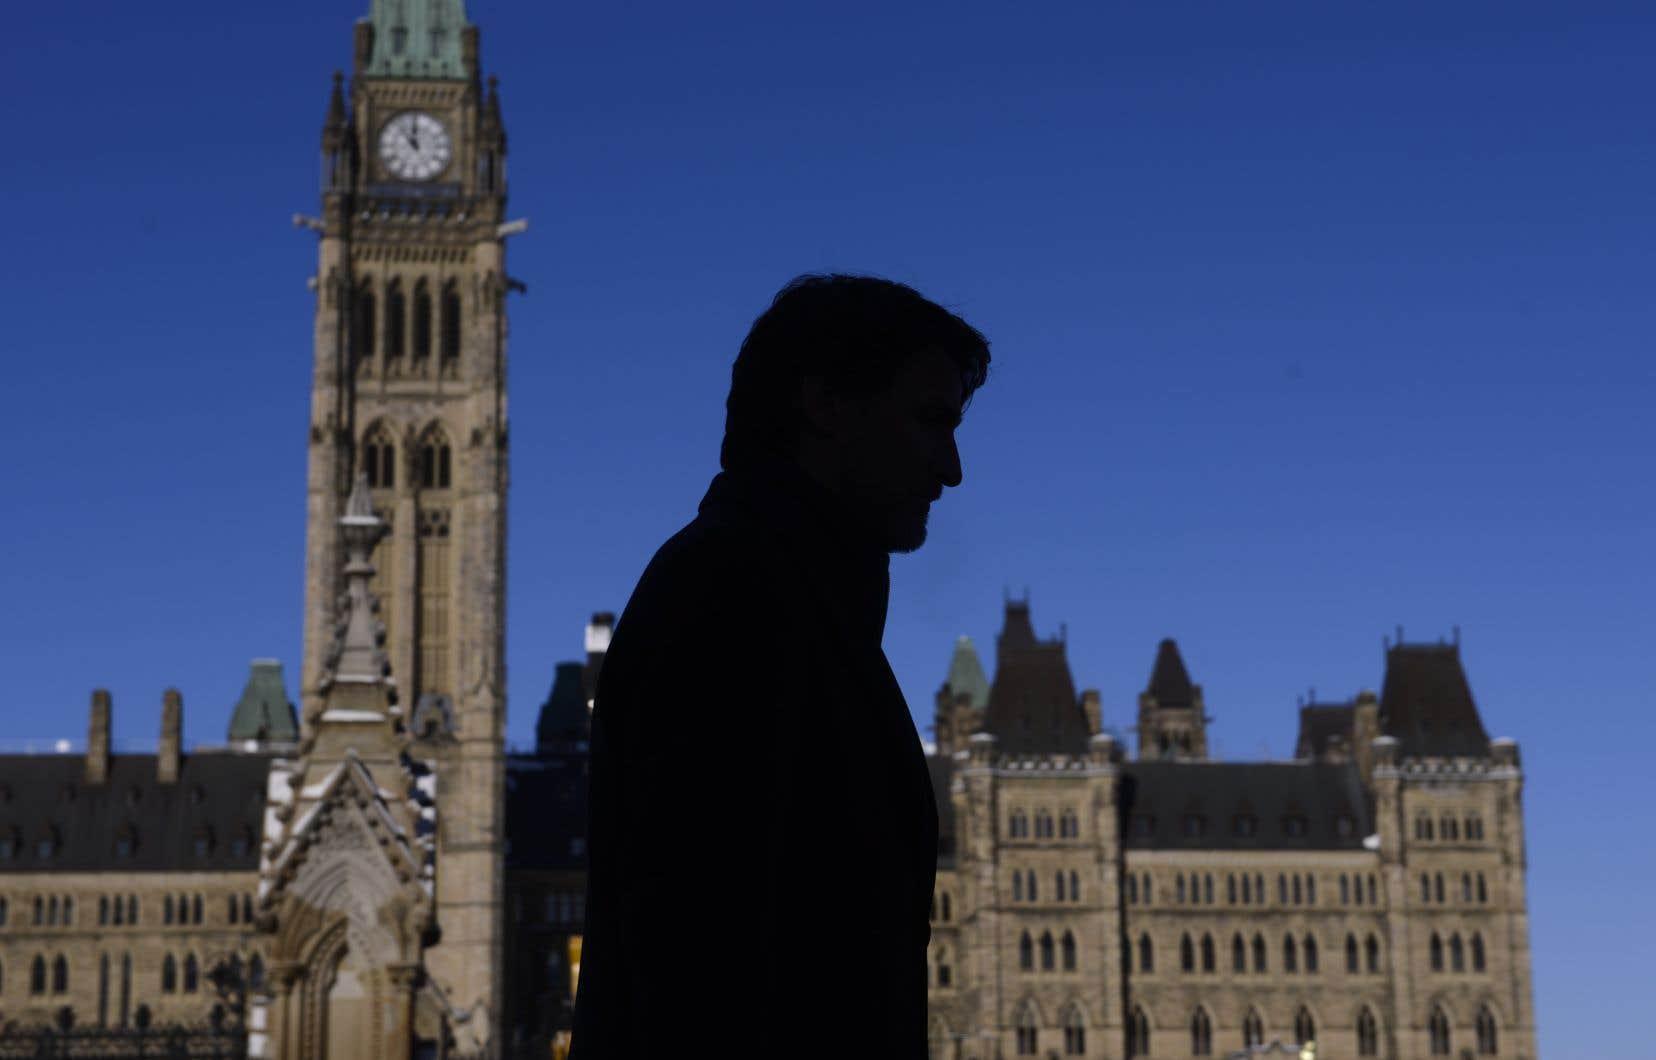 À compter de dimanche, le premier ministre Justin Trudeau et ses 36 ministres discuteront des priorités du gouvernement fédéral et, surtout, de stratégie parlementaire puisque les libéraux ne sont pas majoritaires à la Chambre des communes.